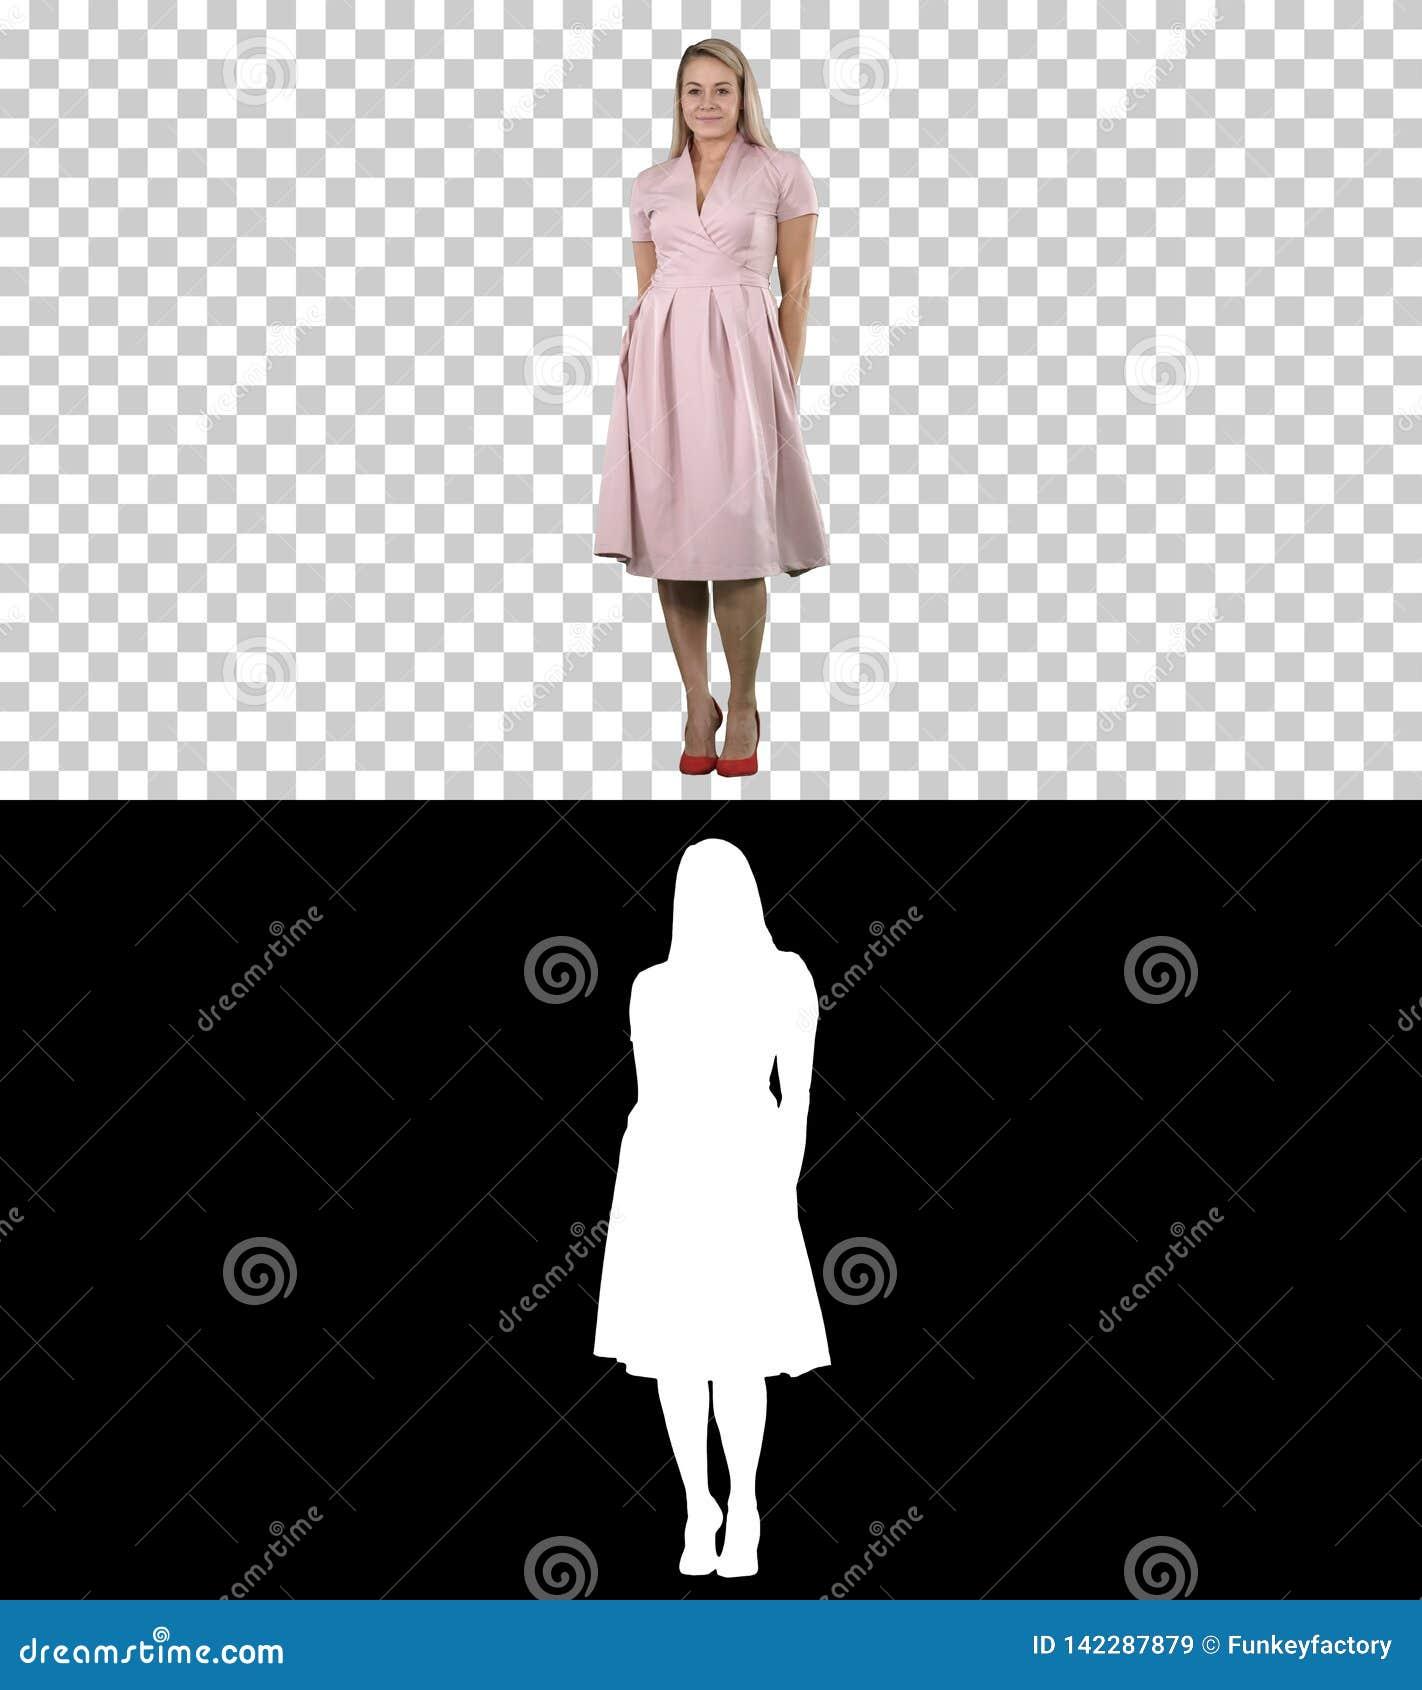 Красивая дама в розовом платье прихорашивается, канал альфы